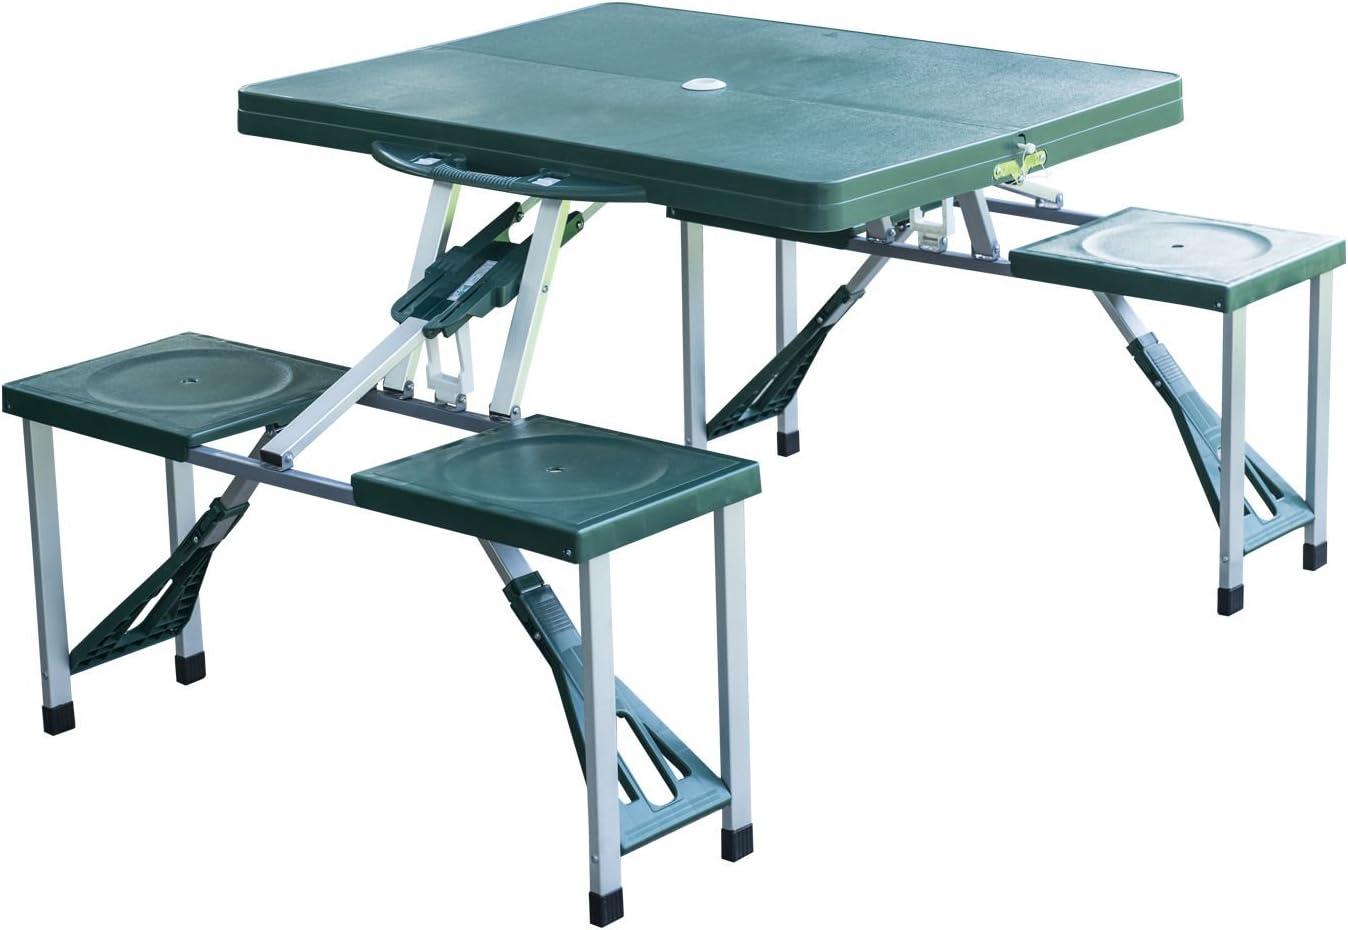 Outsunny Portable Aluminum Folding Picnic Table Outdoor Garden BBQ Party Desk